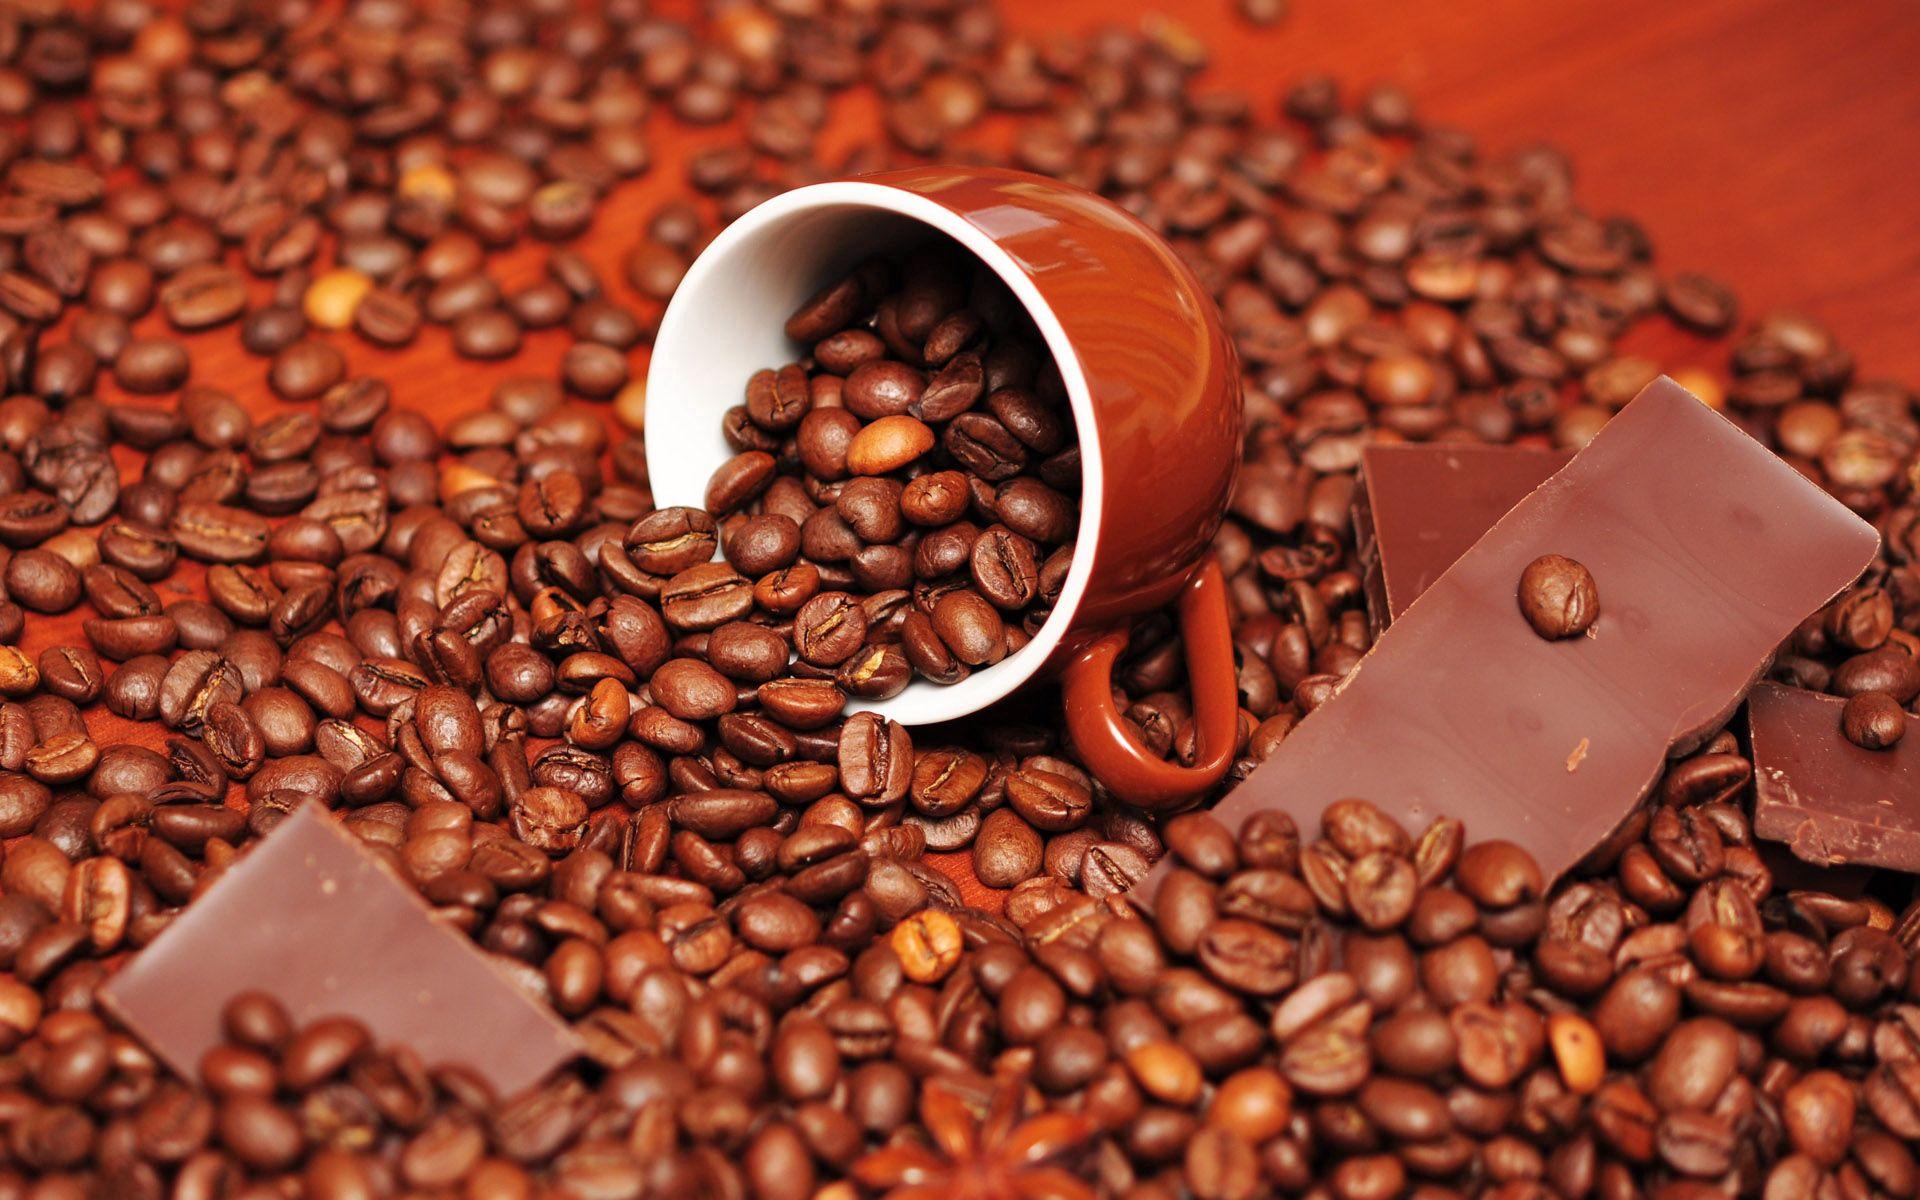 134270 Hintergrundbild 128x160 kostenlos auf deinem Handy, lade Bilder Lebensmittel, Schokolade, Coffee, Eine Tasse, Tasse, Kaffeebohnen 128x160 auf dein Handy herunter